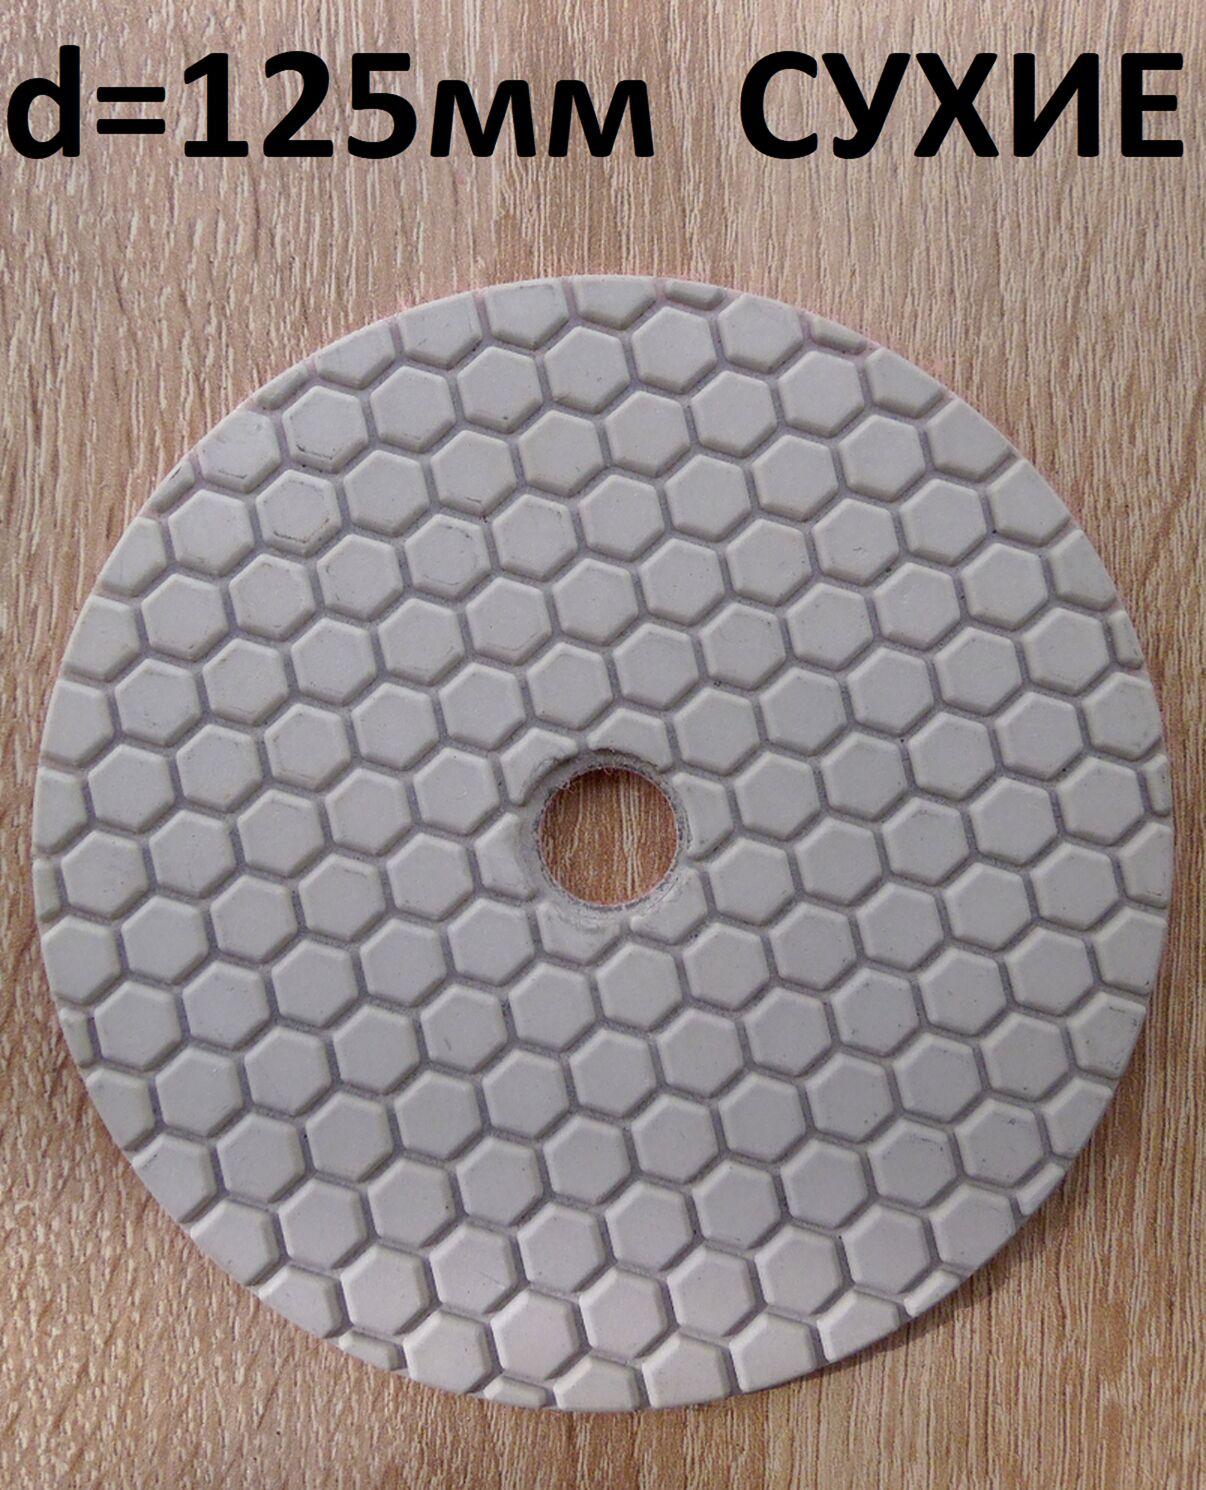 Алмазные гибкие шлифовальные круги (АГШК) Сухие.d=125мм.Канада